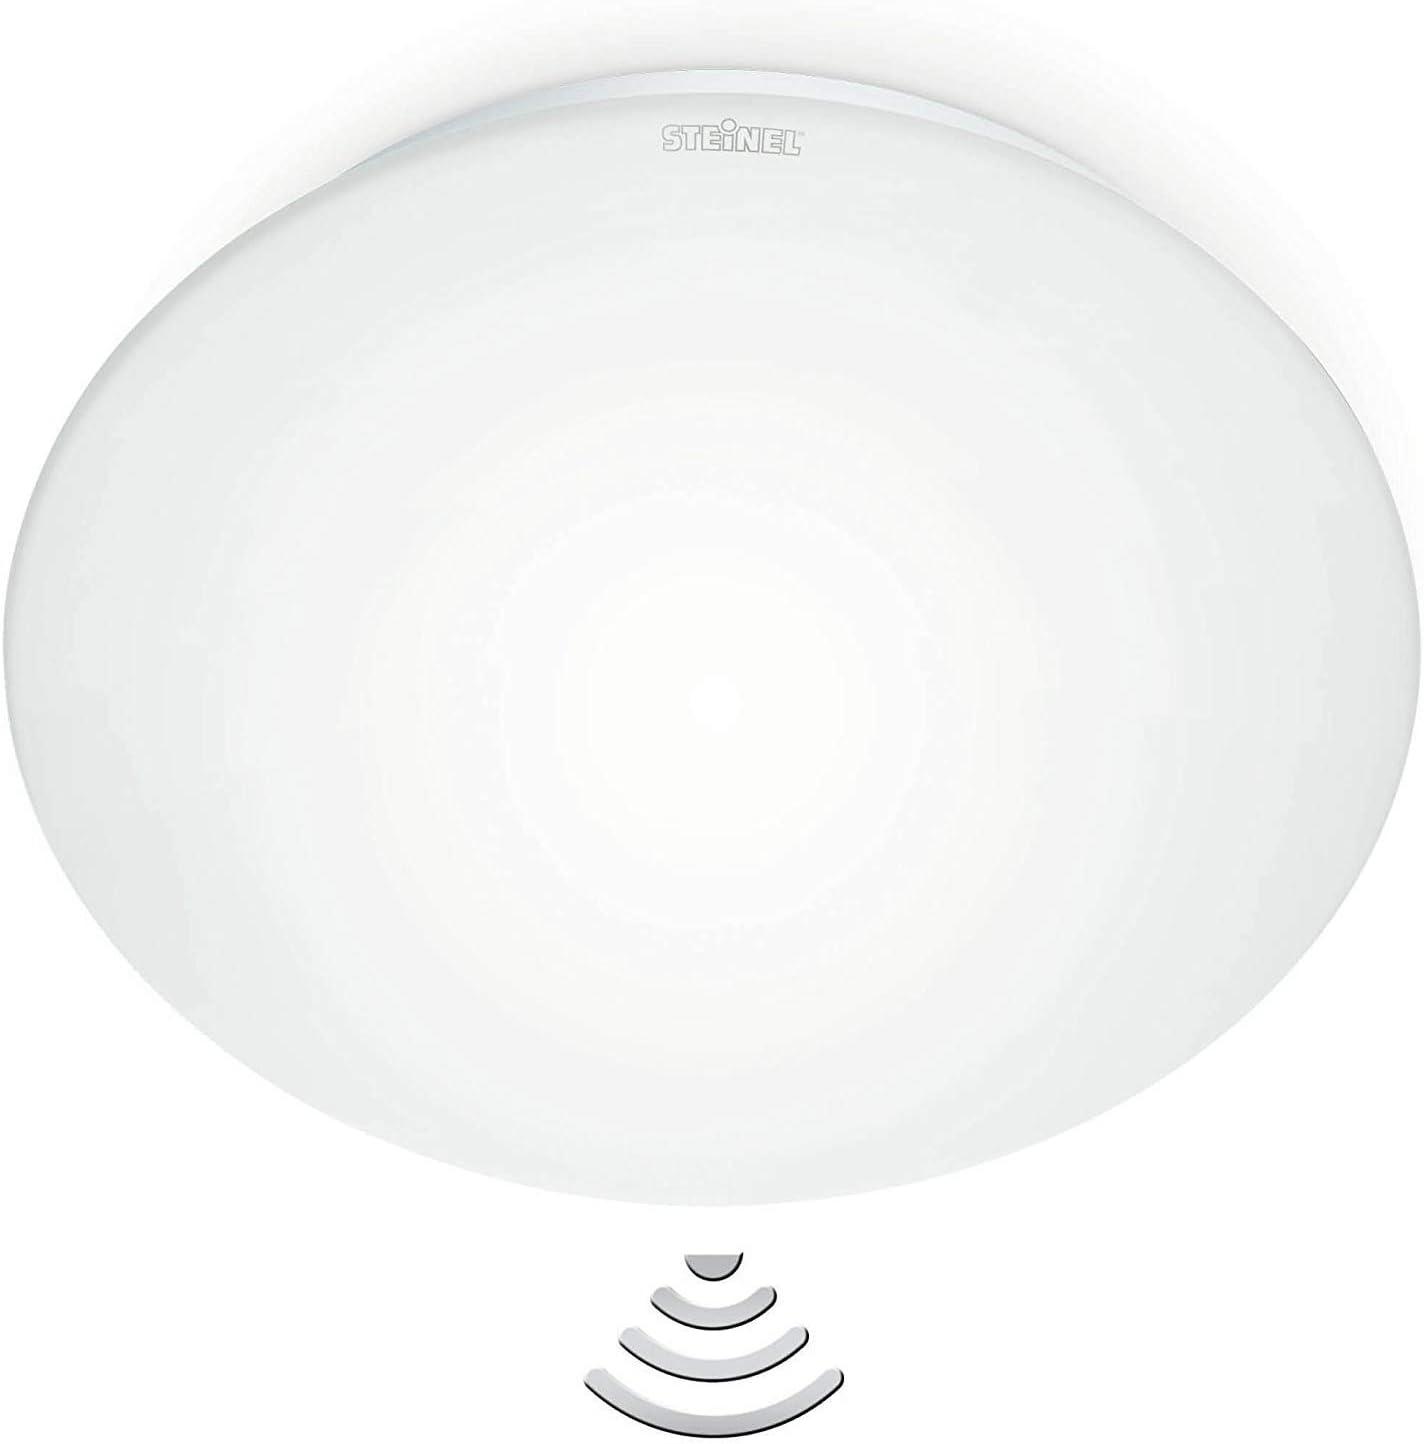 Steinel RS 16 L blanco - Lámpara sensor de techo para el interior, con 360° Detector de movimiento, Sensor invisible con técnica de alta frecuencia, Potencia de 60 W, Cristal opalino, 738013